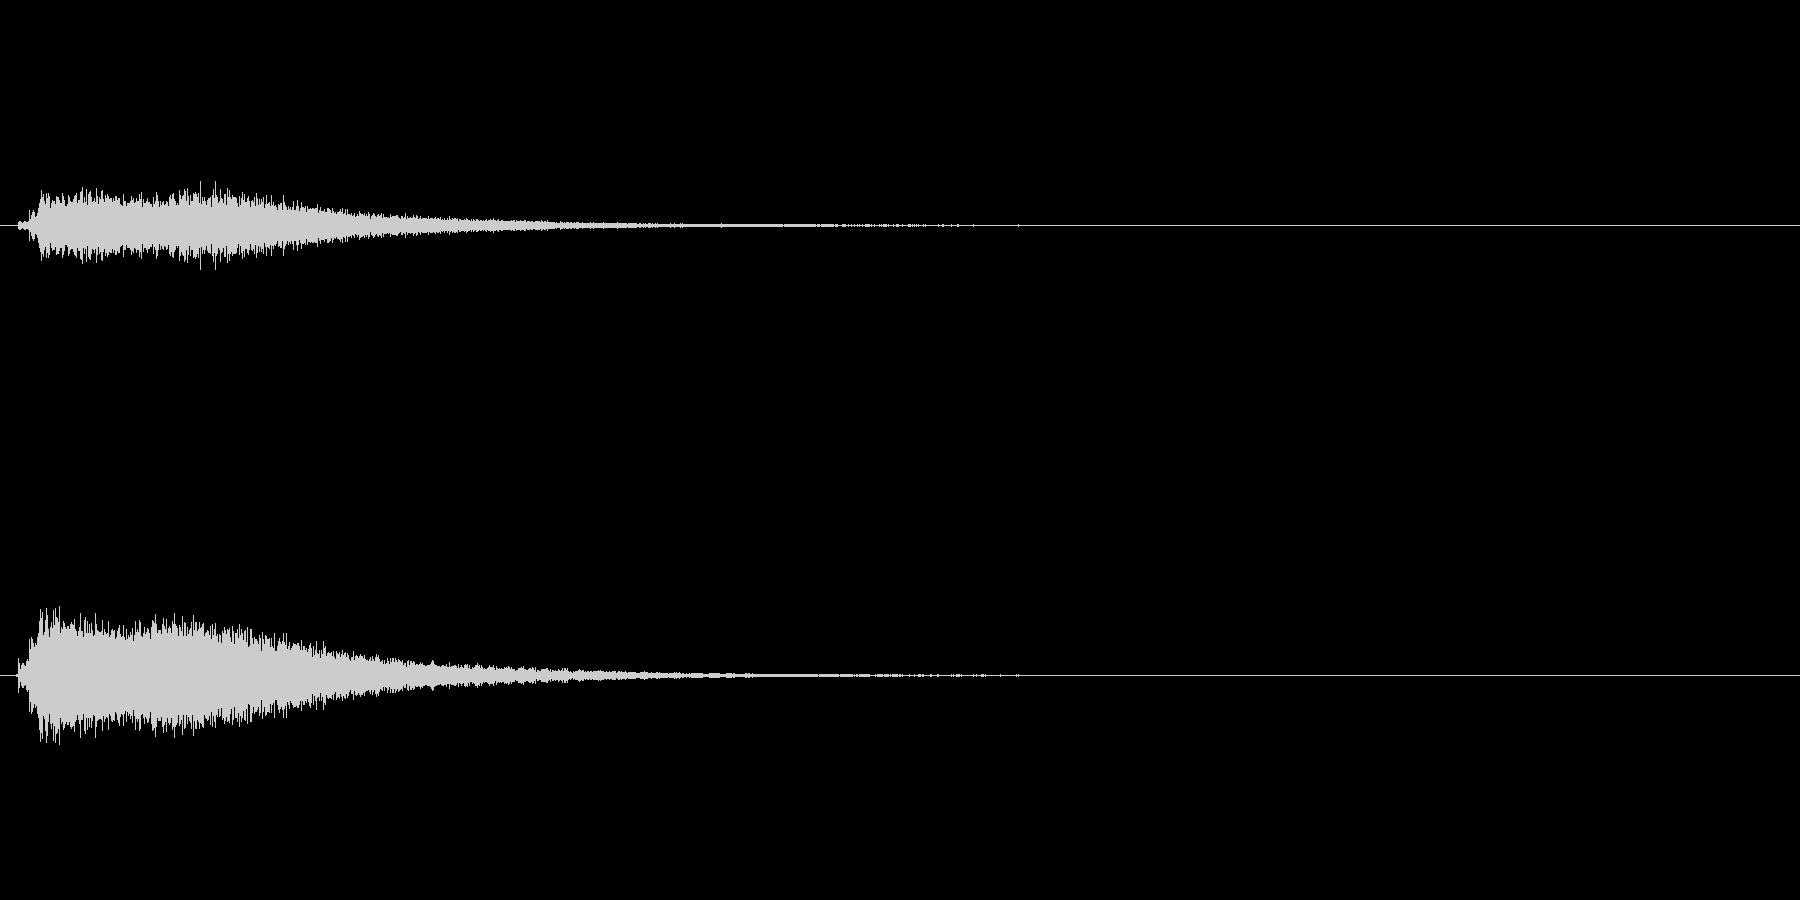 キラキラ系_034の未再生の波形